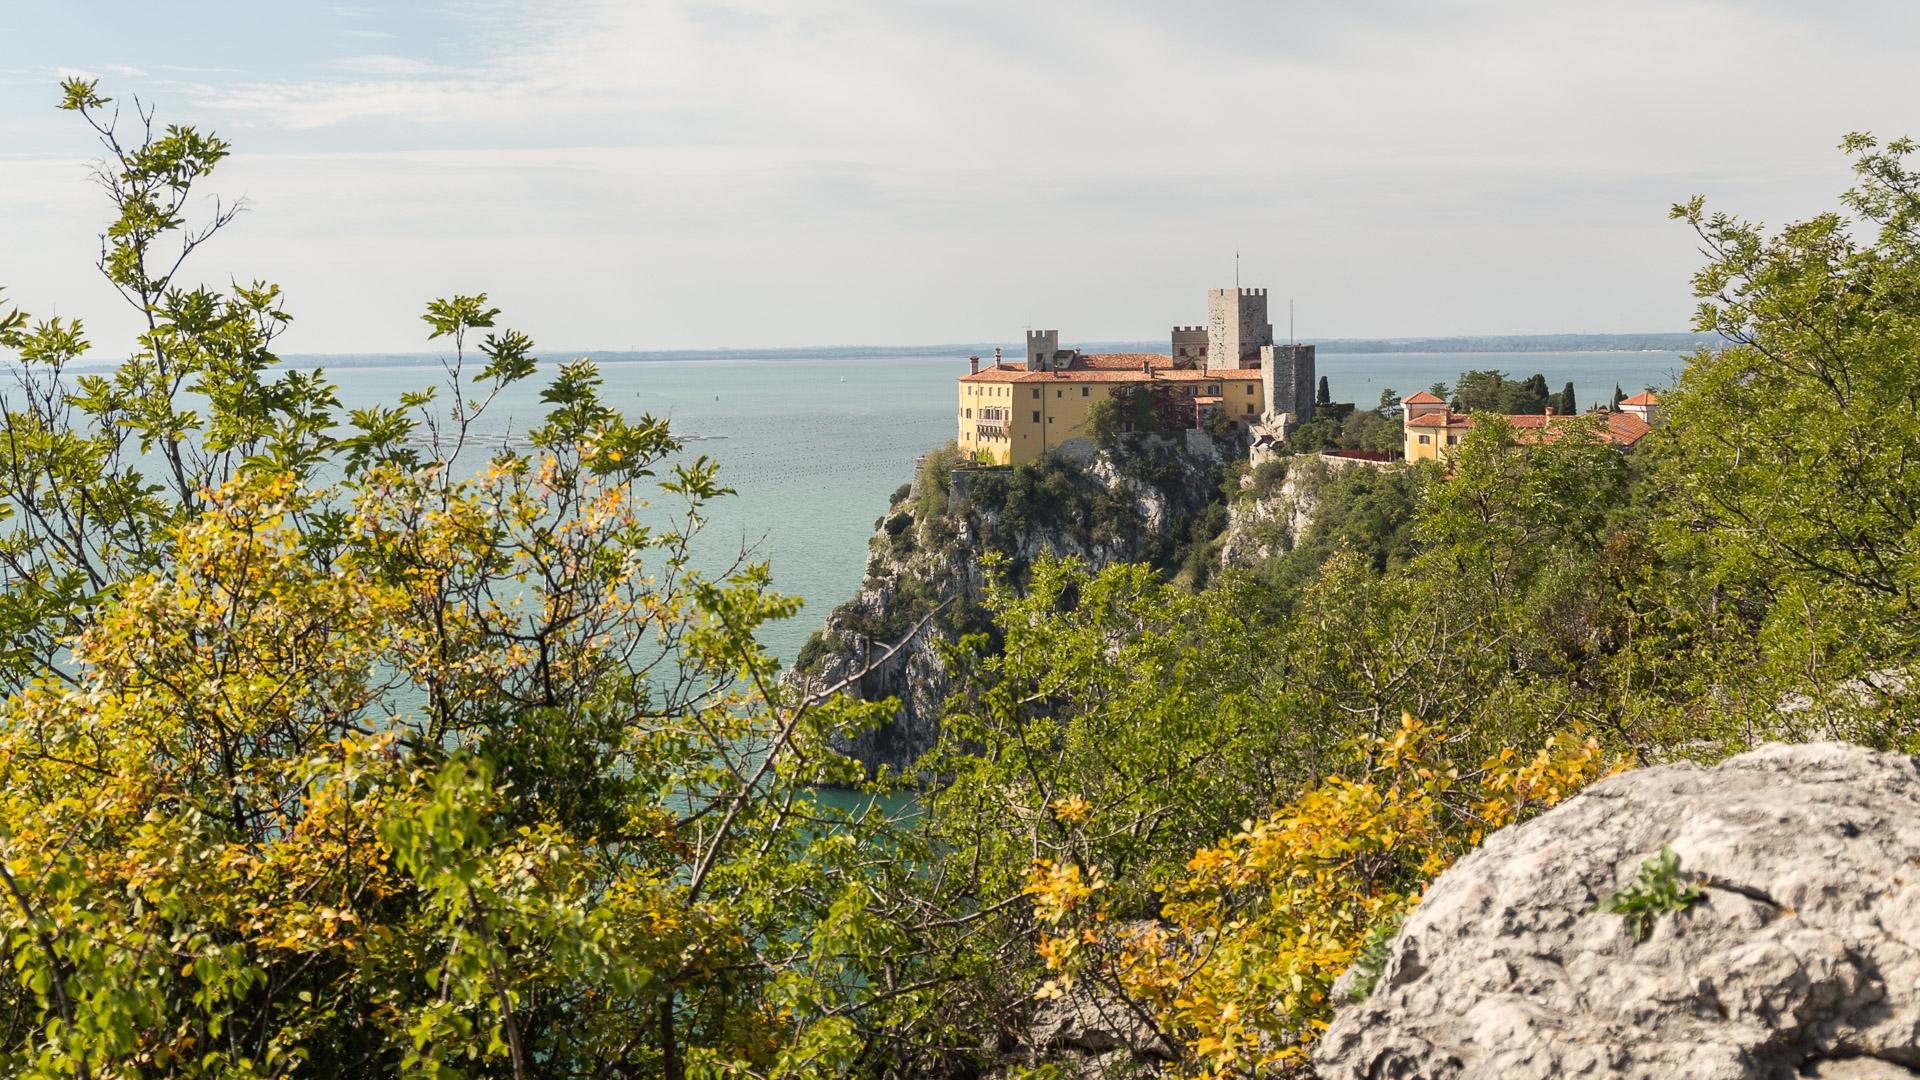 Blick auf das Schloss Duino von der Plattform aus